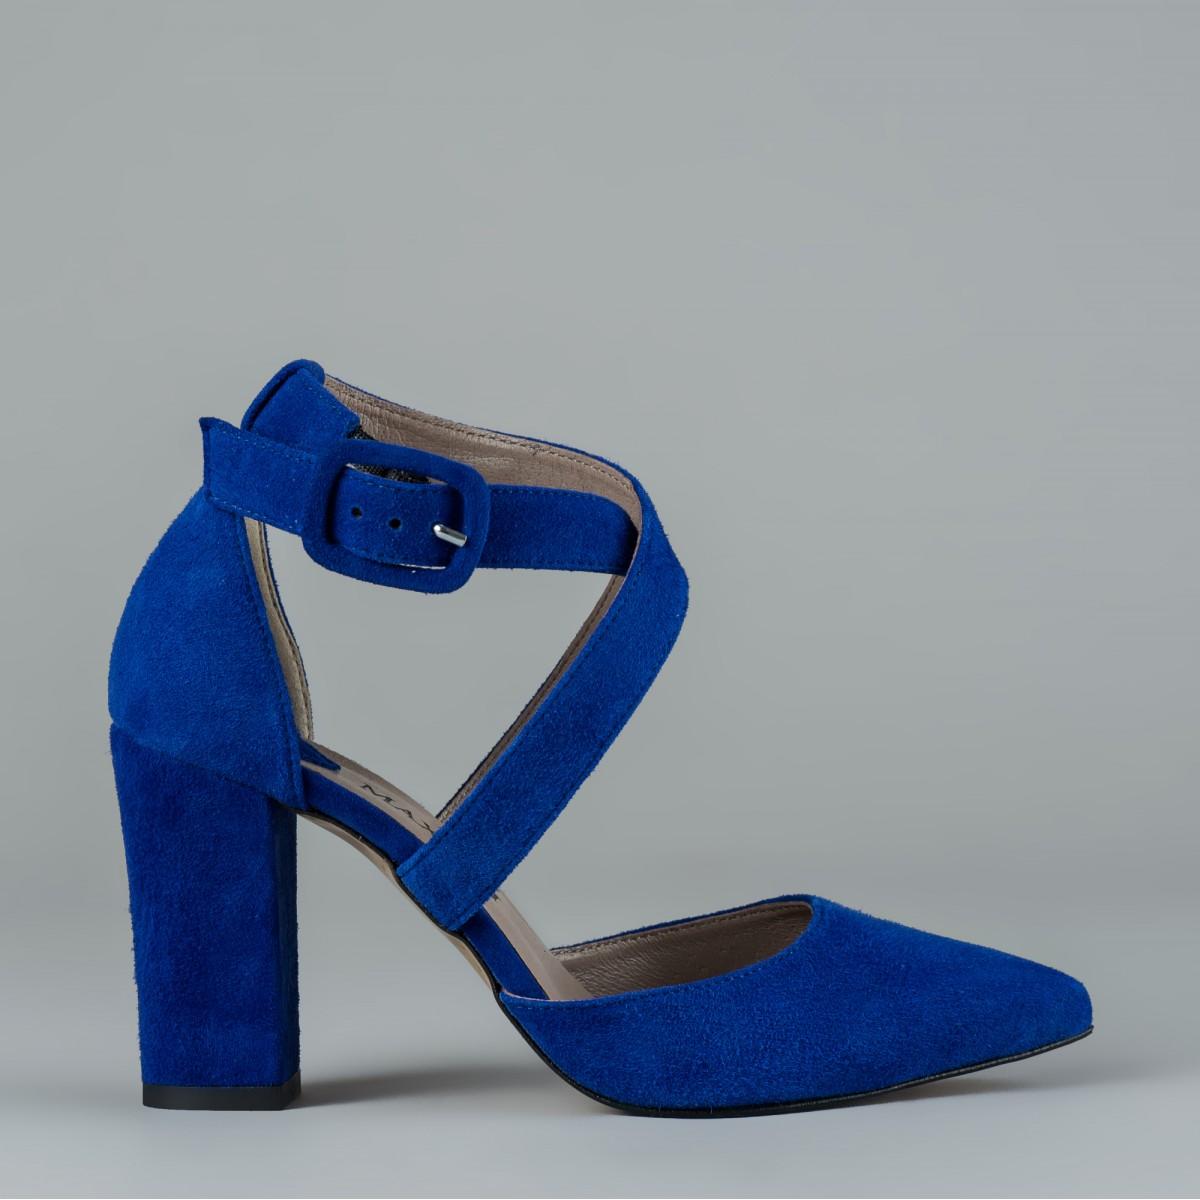 Niebieskie czółenko